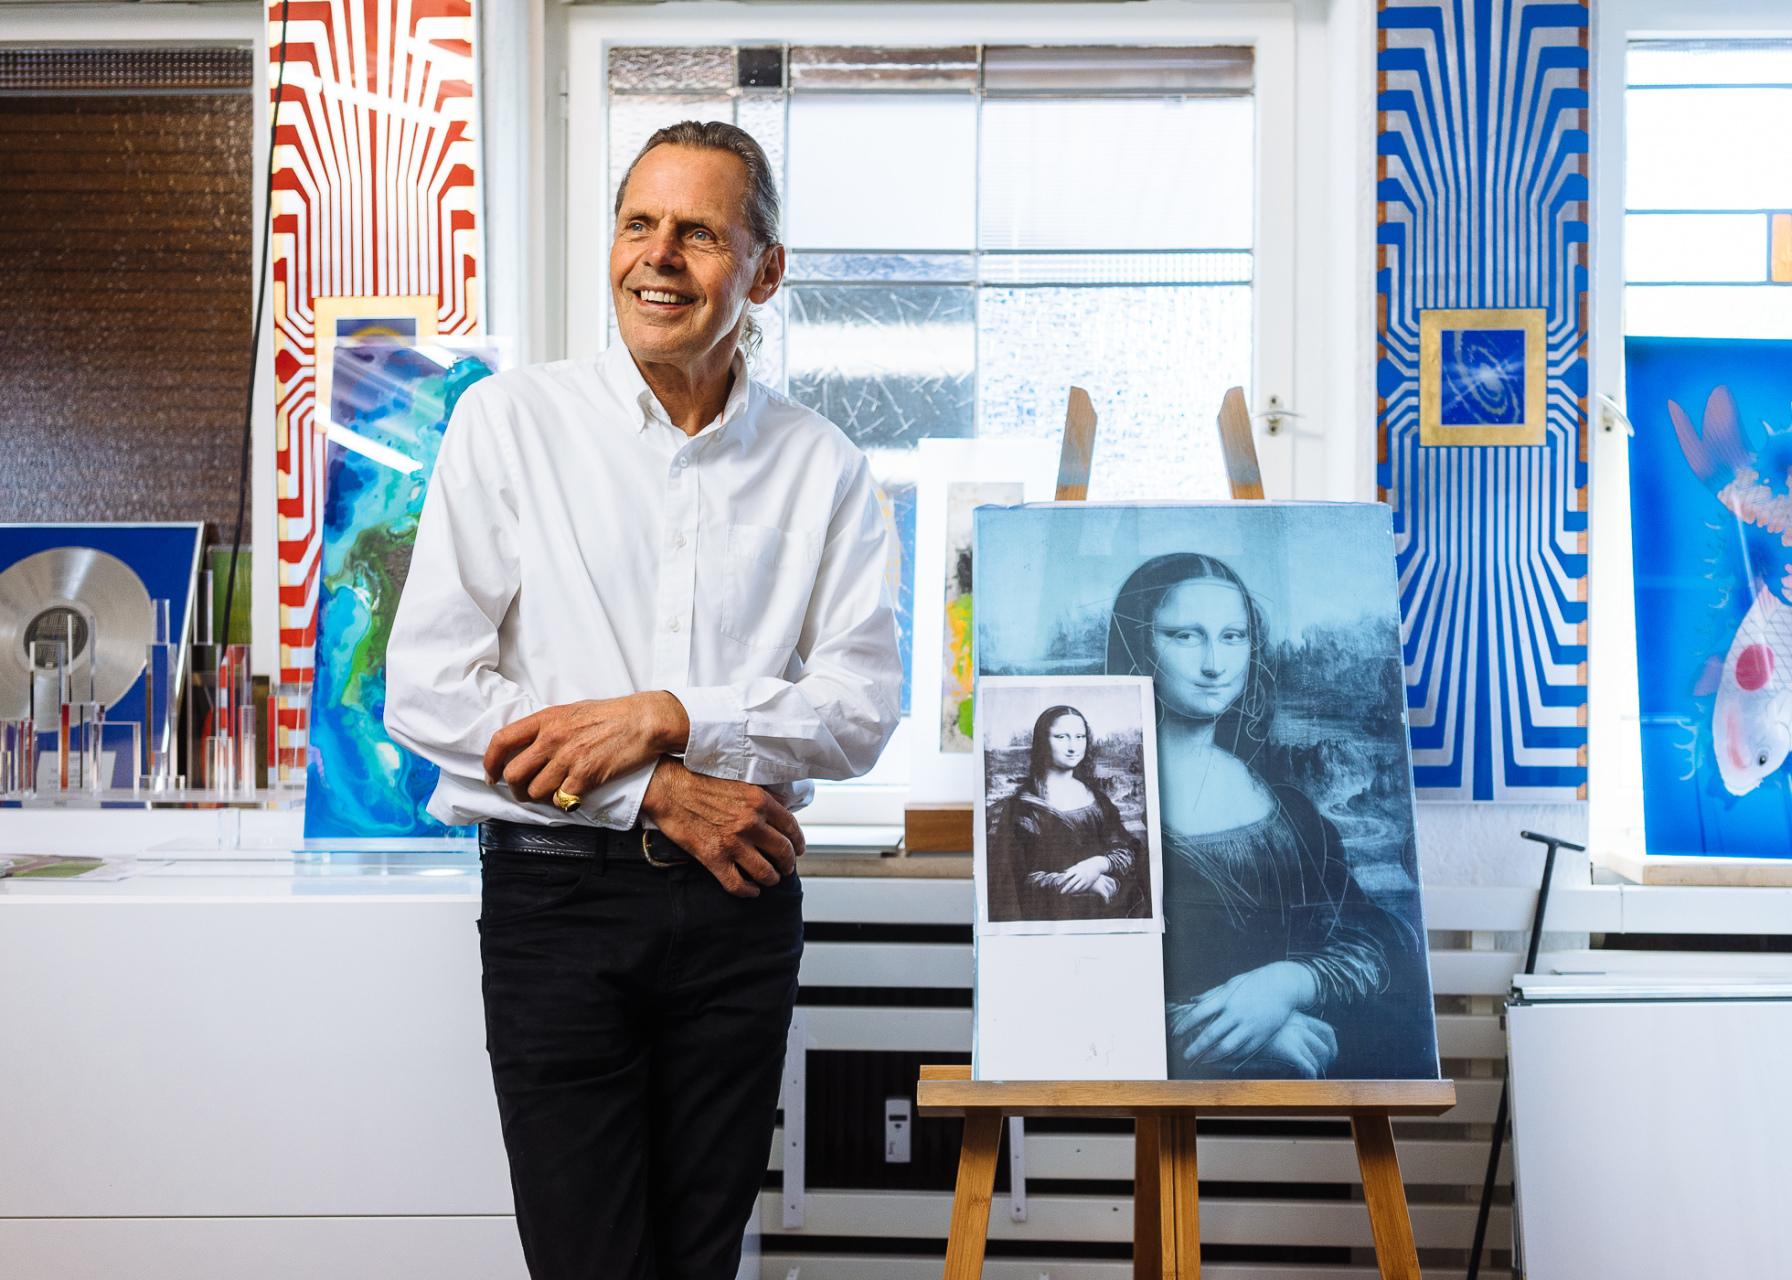 Emil Schult, Artist, Kraftwerk, Düsseldorf, Portrait